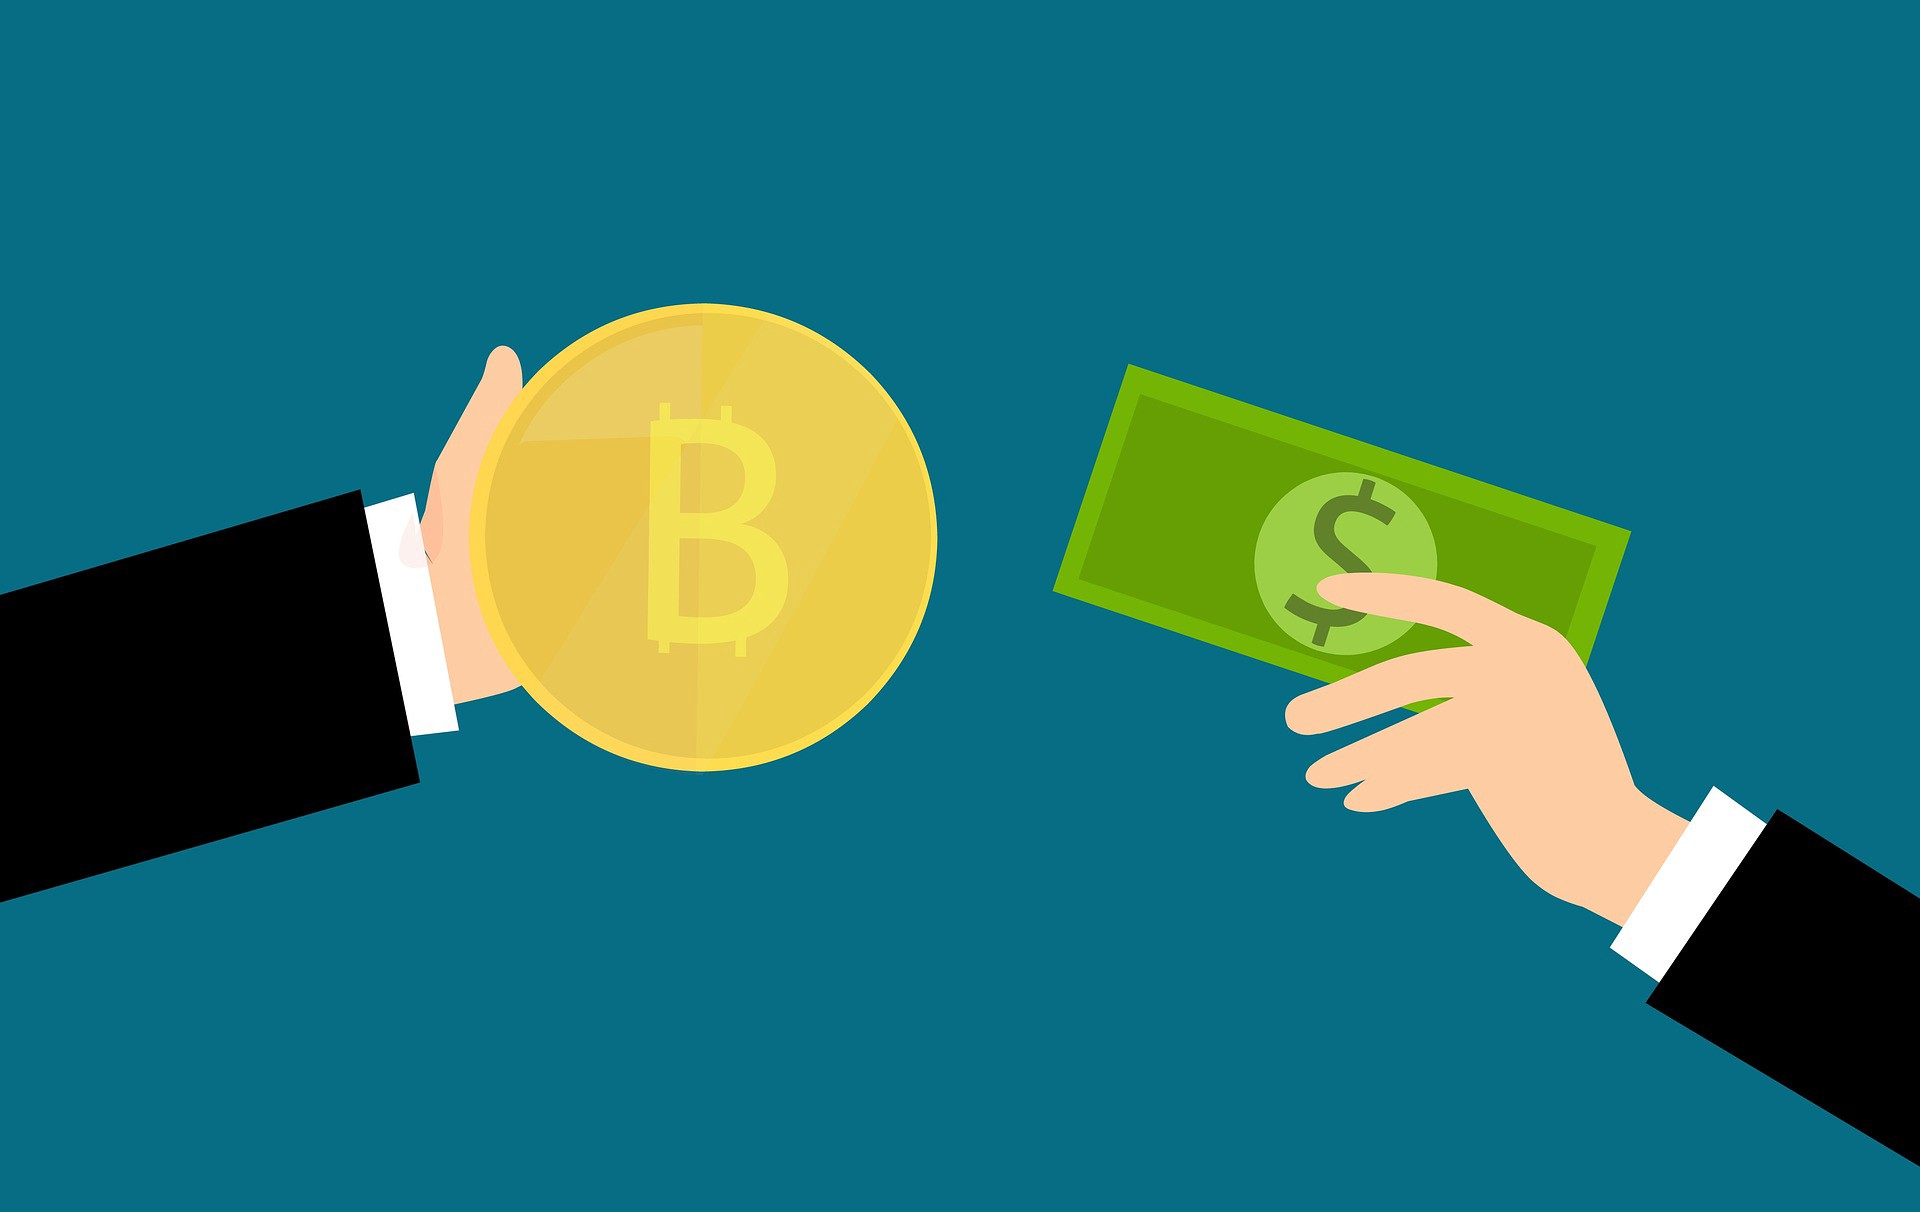 bitcoinde madenciler sanilanin aksine daha cok btc satmaya basladi